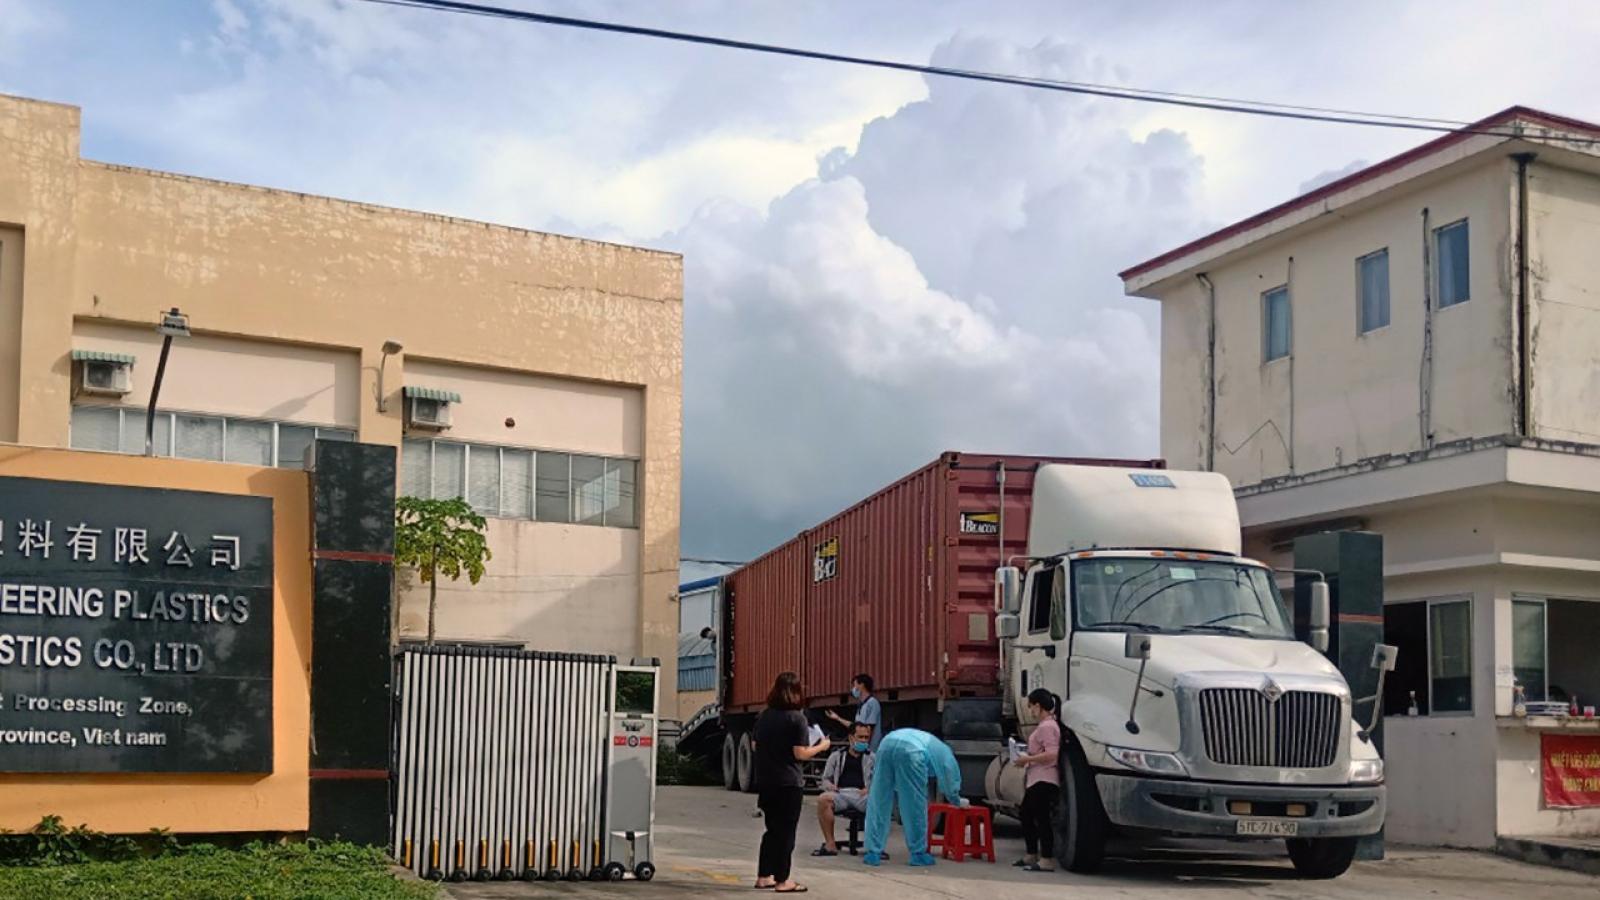 Các khu công nghiệp ở Tây Ninh vẫn tiềm ẩn nhiều nguy cơ lây nhiễm Covid-19